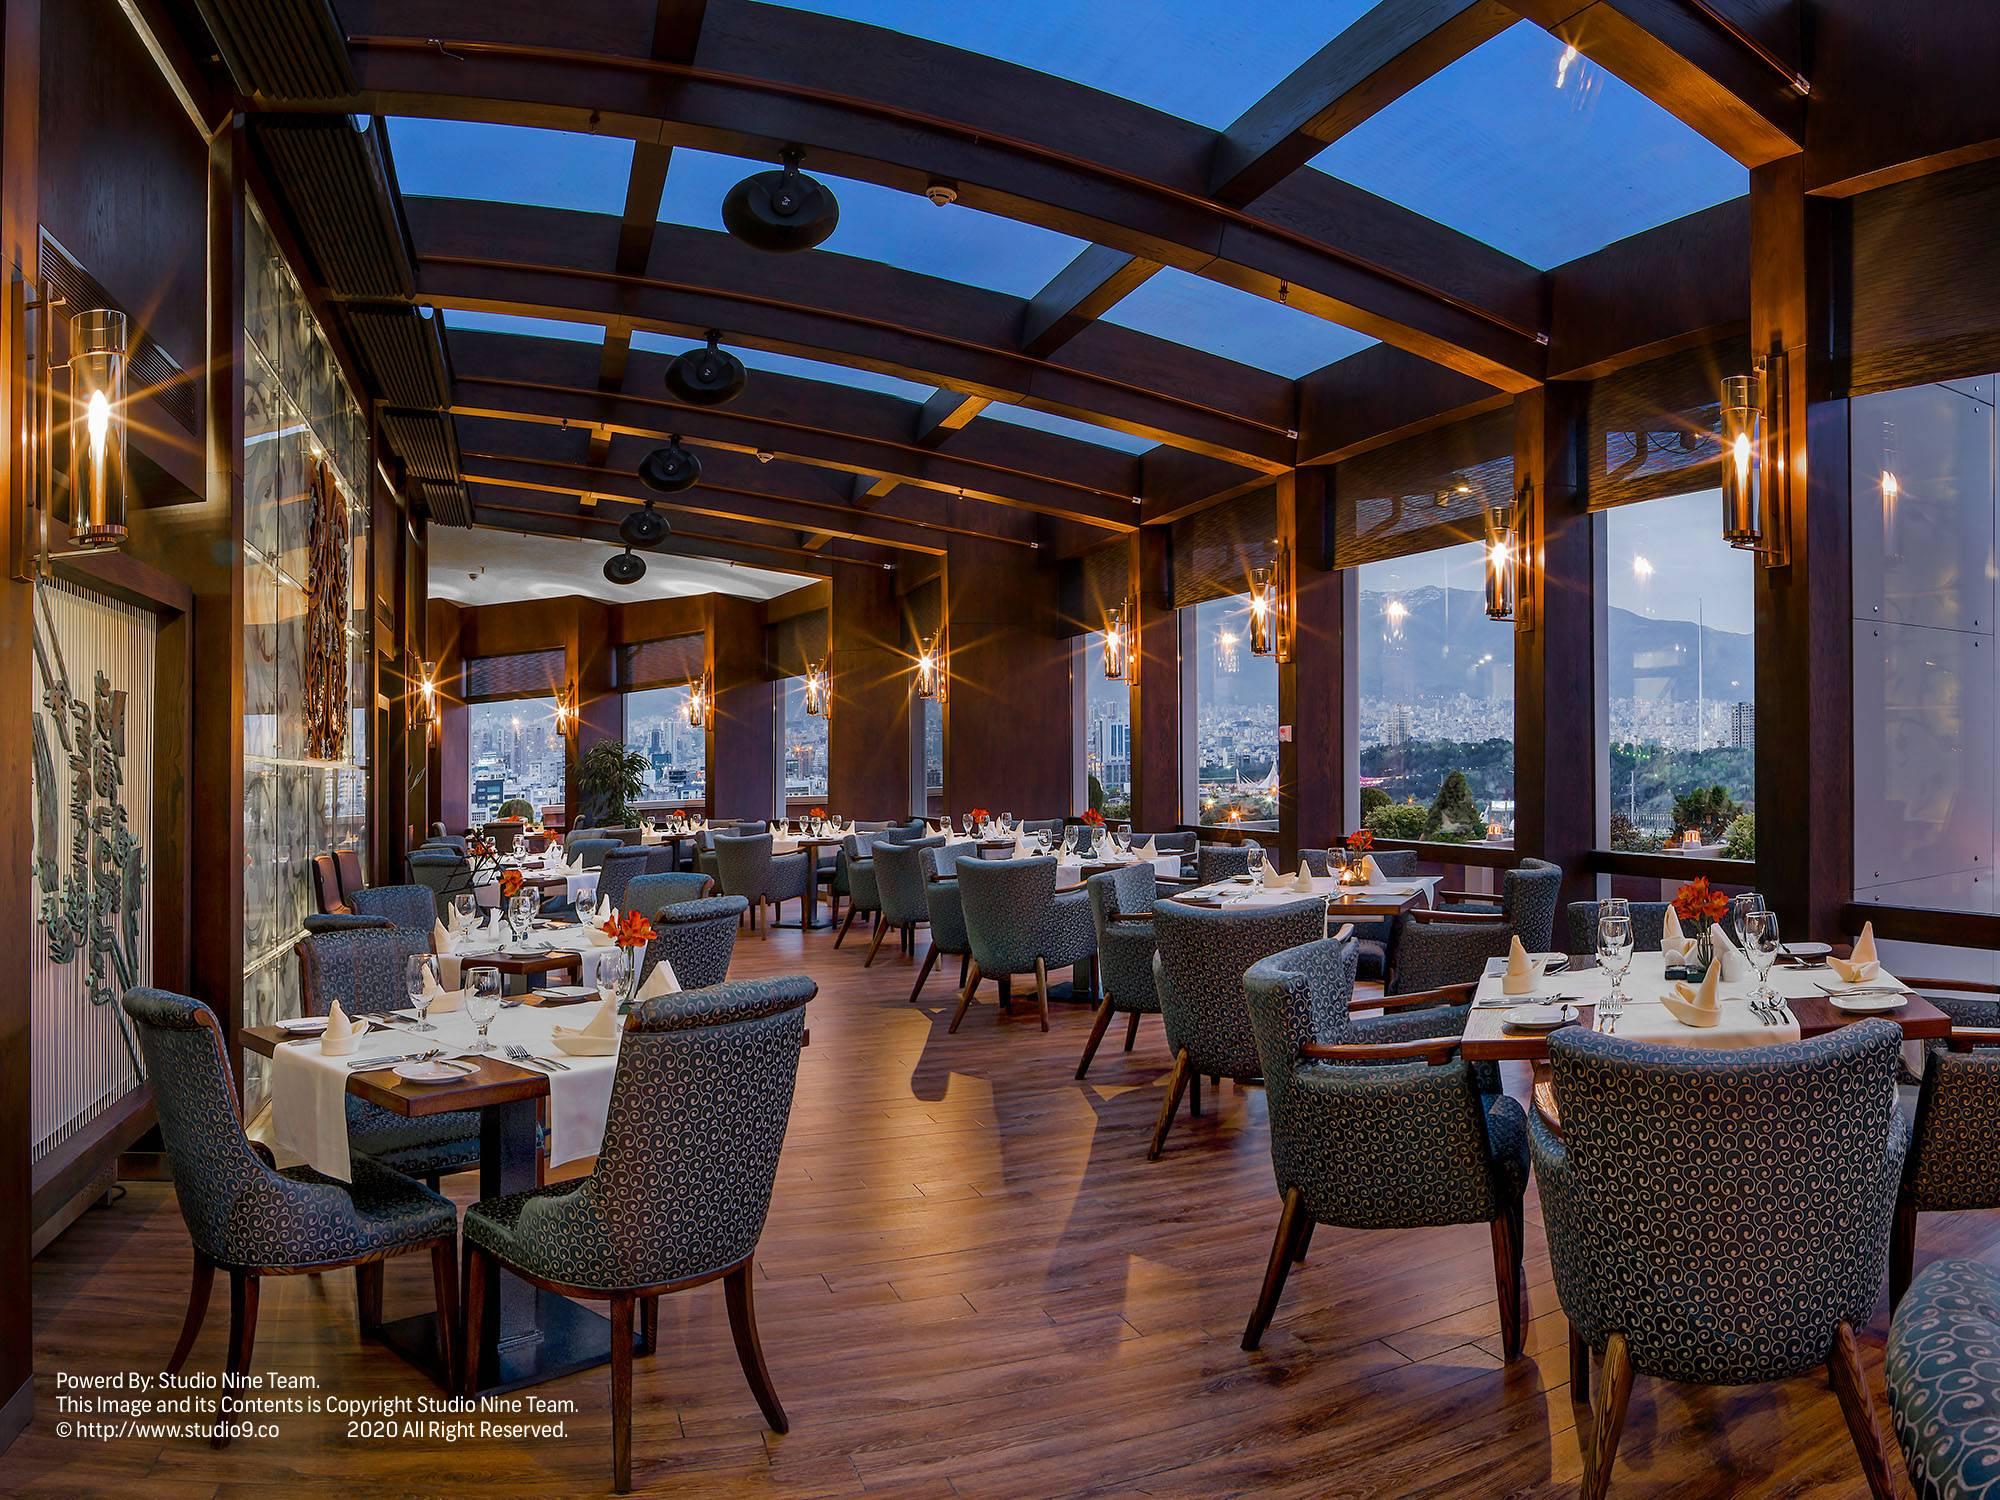 عکاسی دورنما | عکاسی با تکنیک لانگ شات | عکاسی تبلیغاتی از رستوران